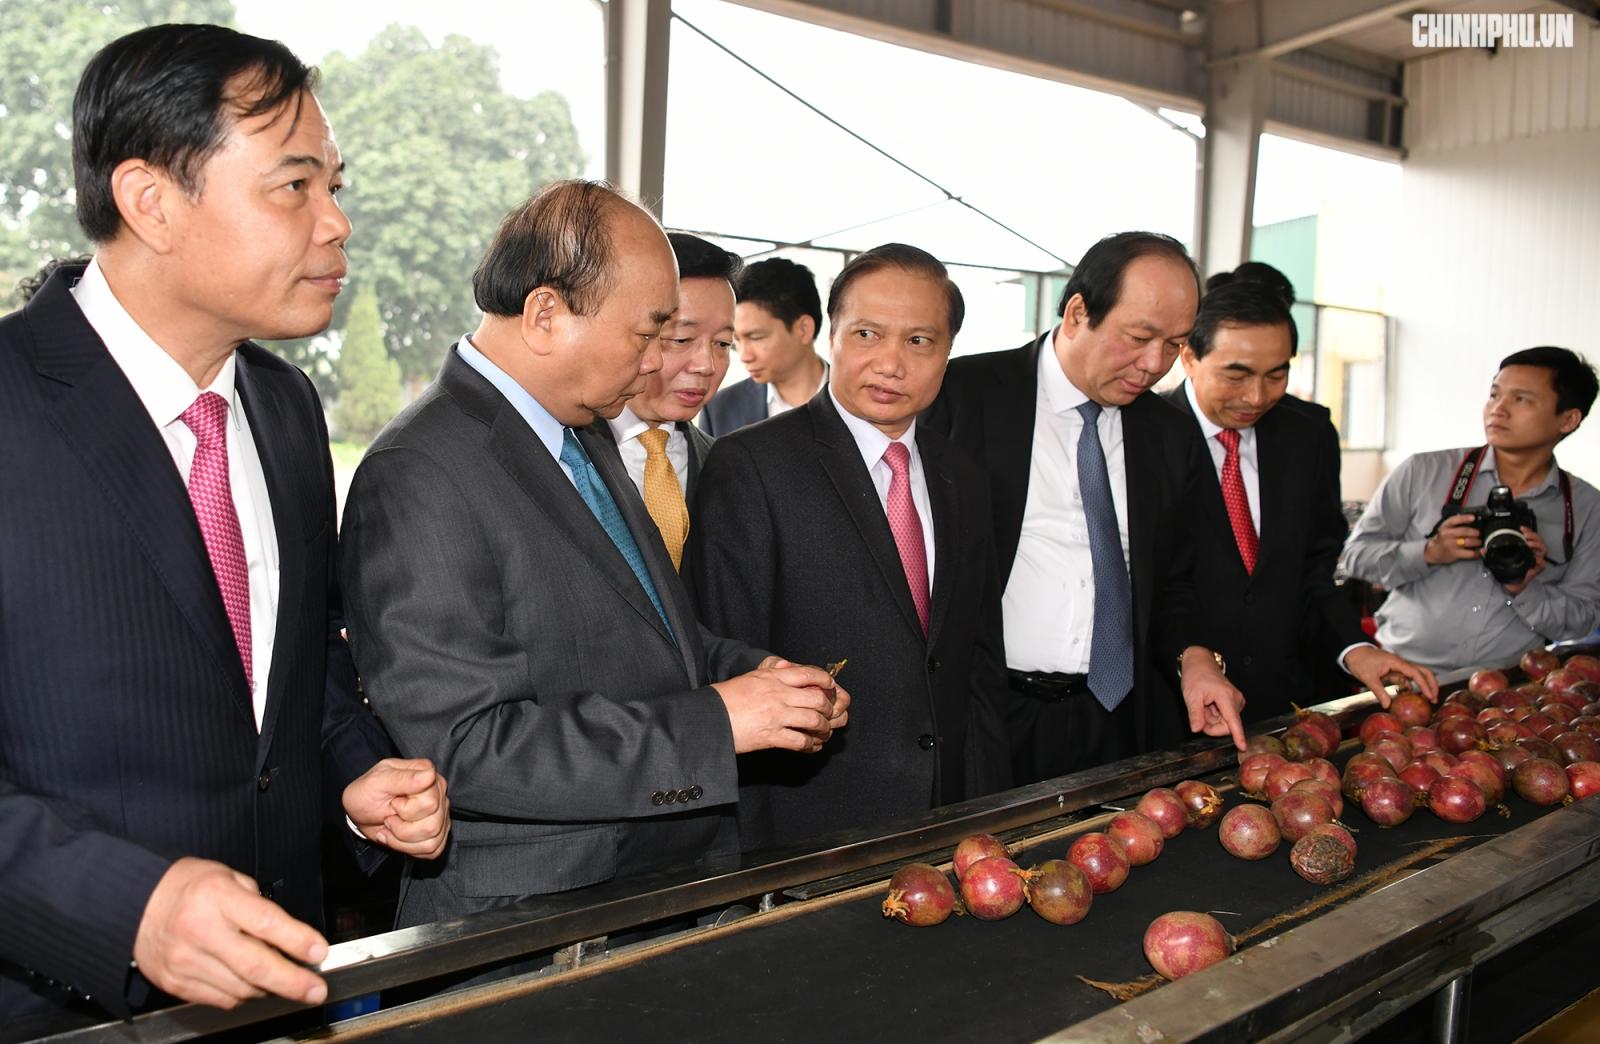 Thủ tướng thăm dây chuyền phân loại và đóng gói chanh leo - Ảnh: VGP/Quang Hiếu.